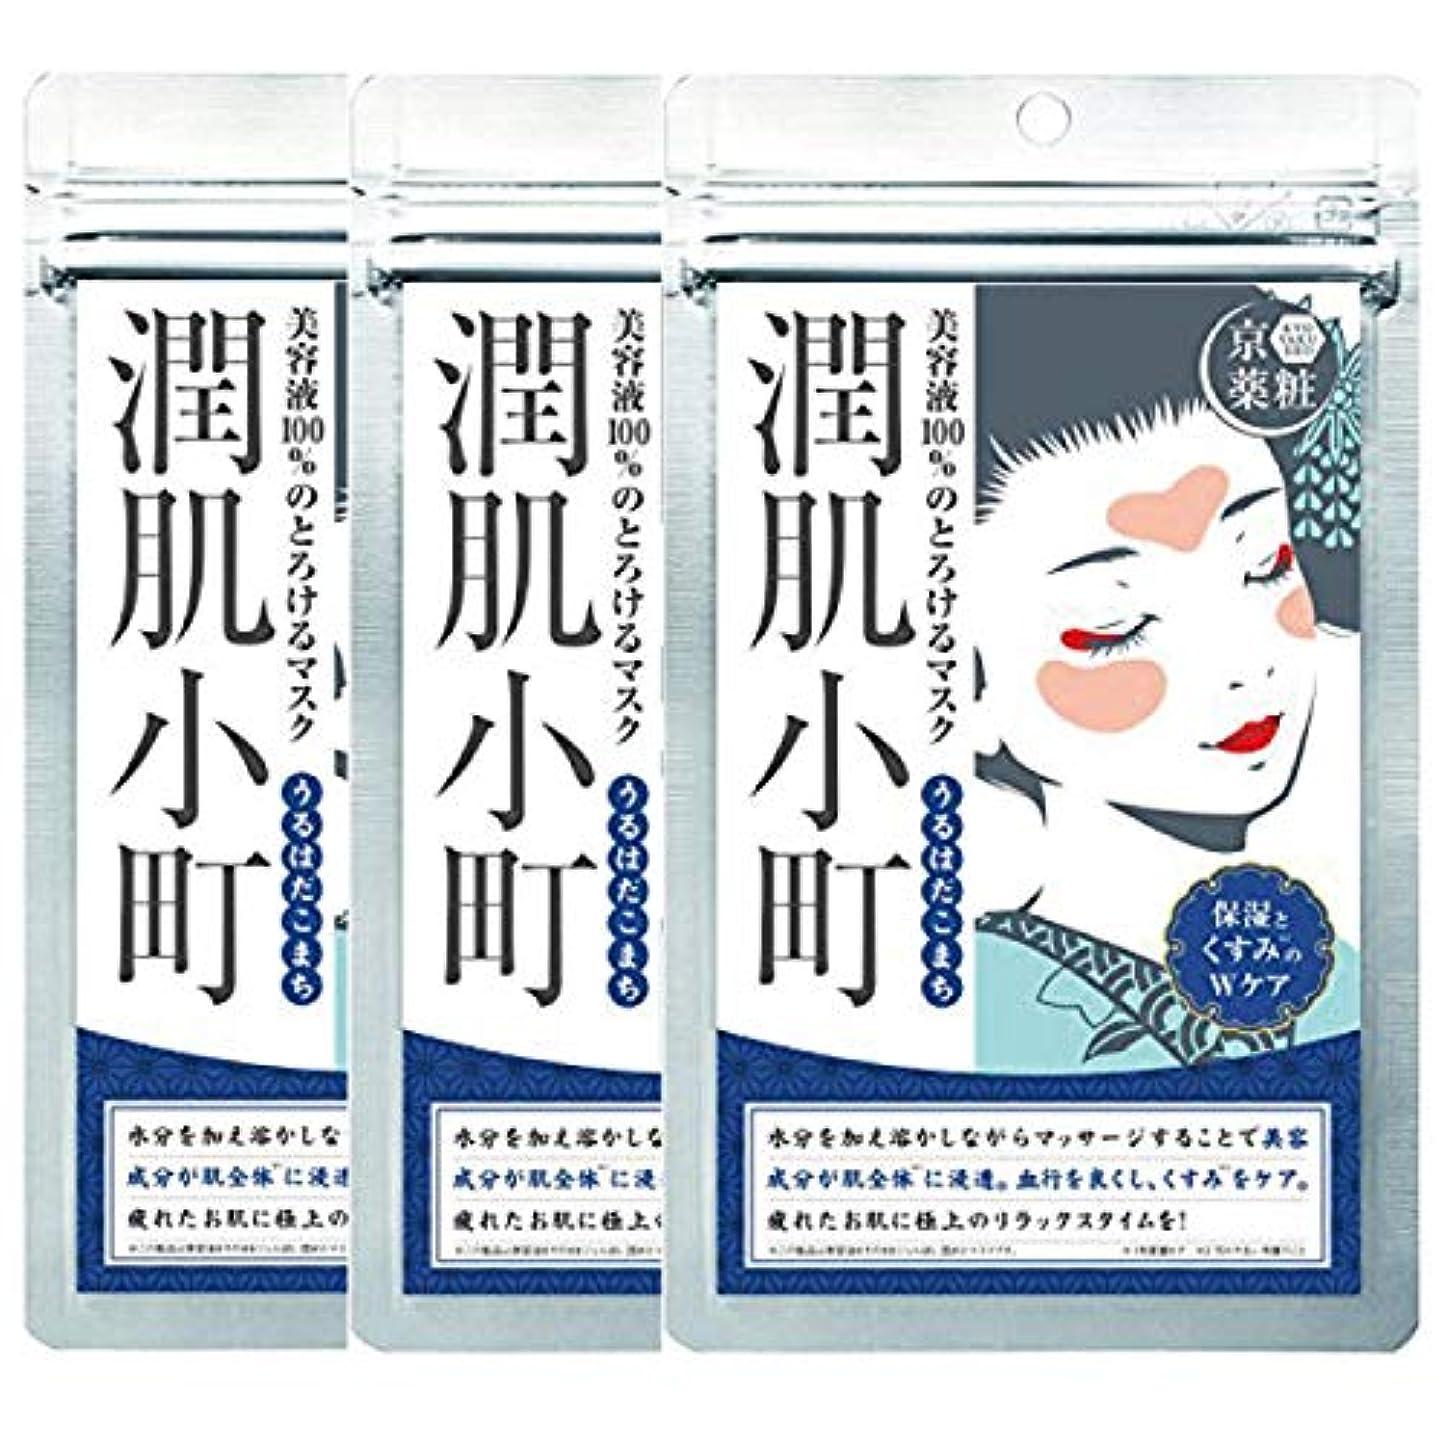 流暢シンプトン間接的京薬粧 潤肌小町 潤いマスク ×3セット